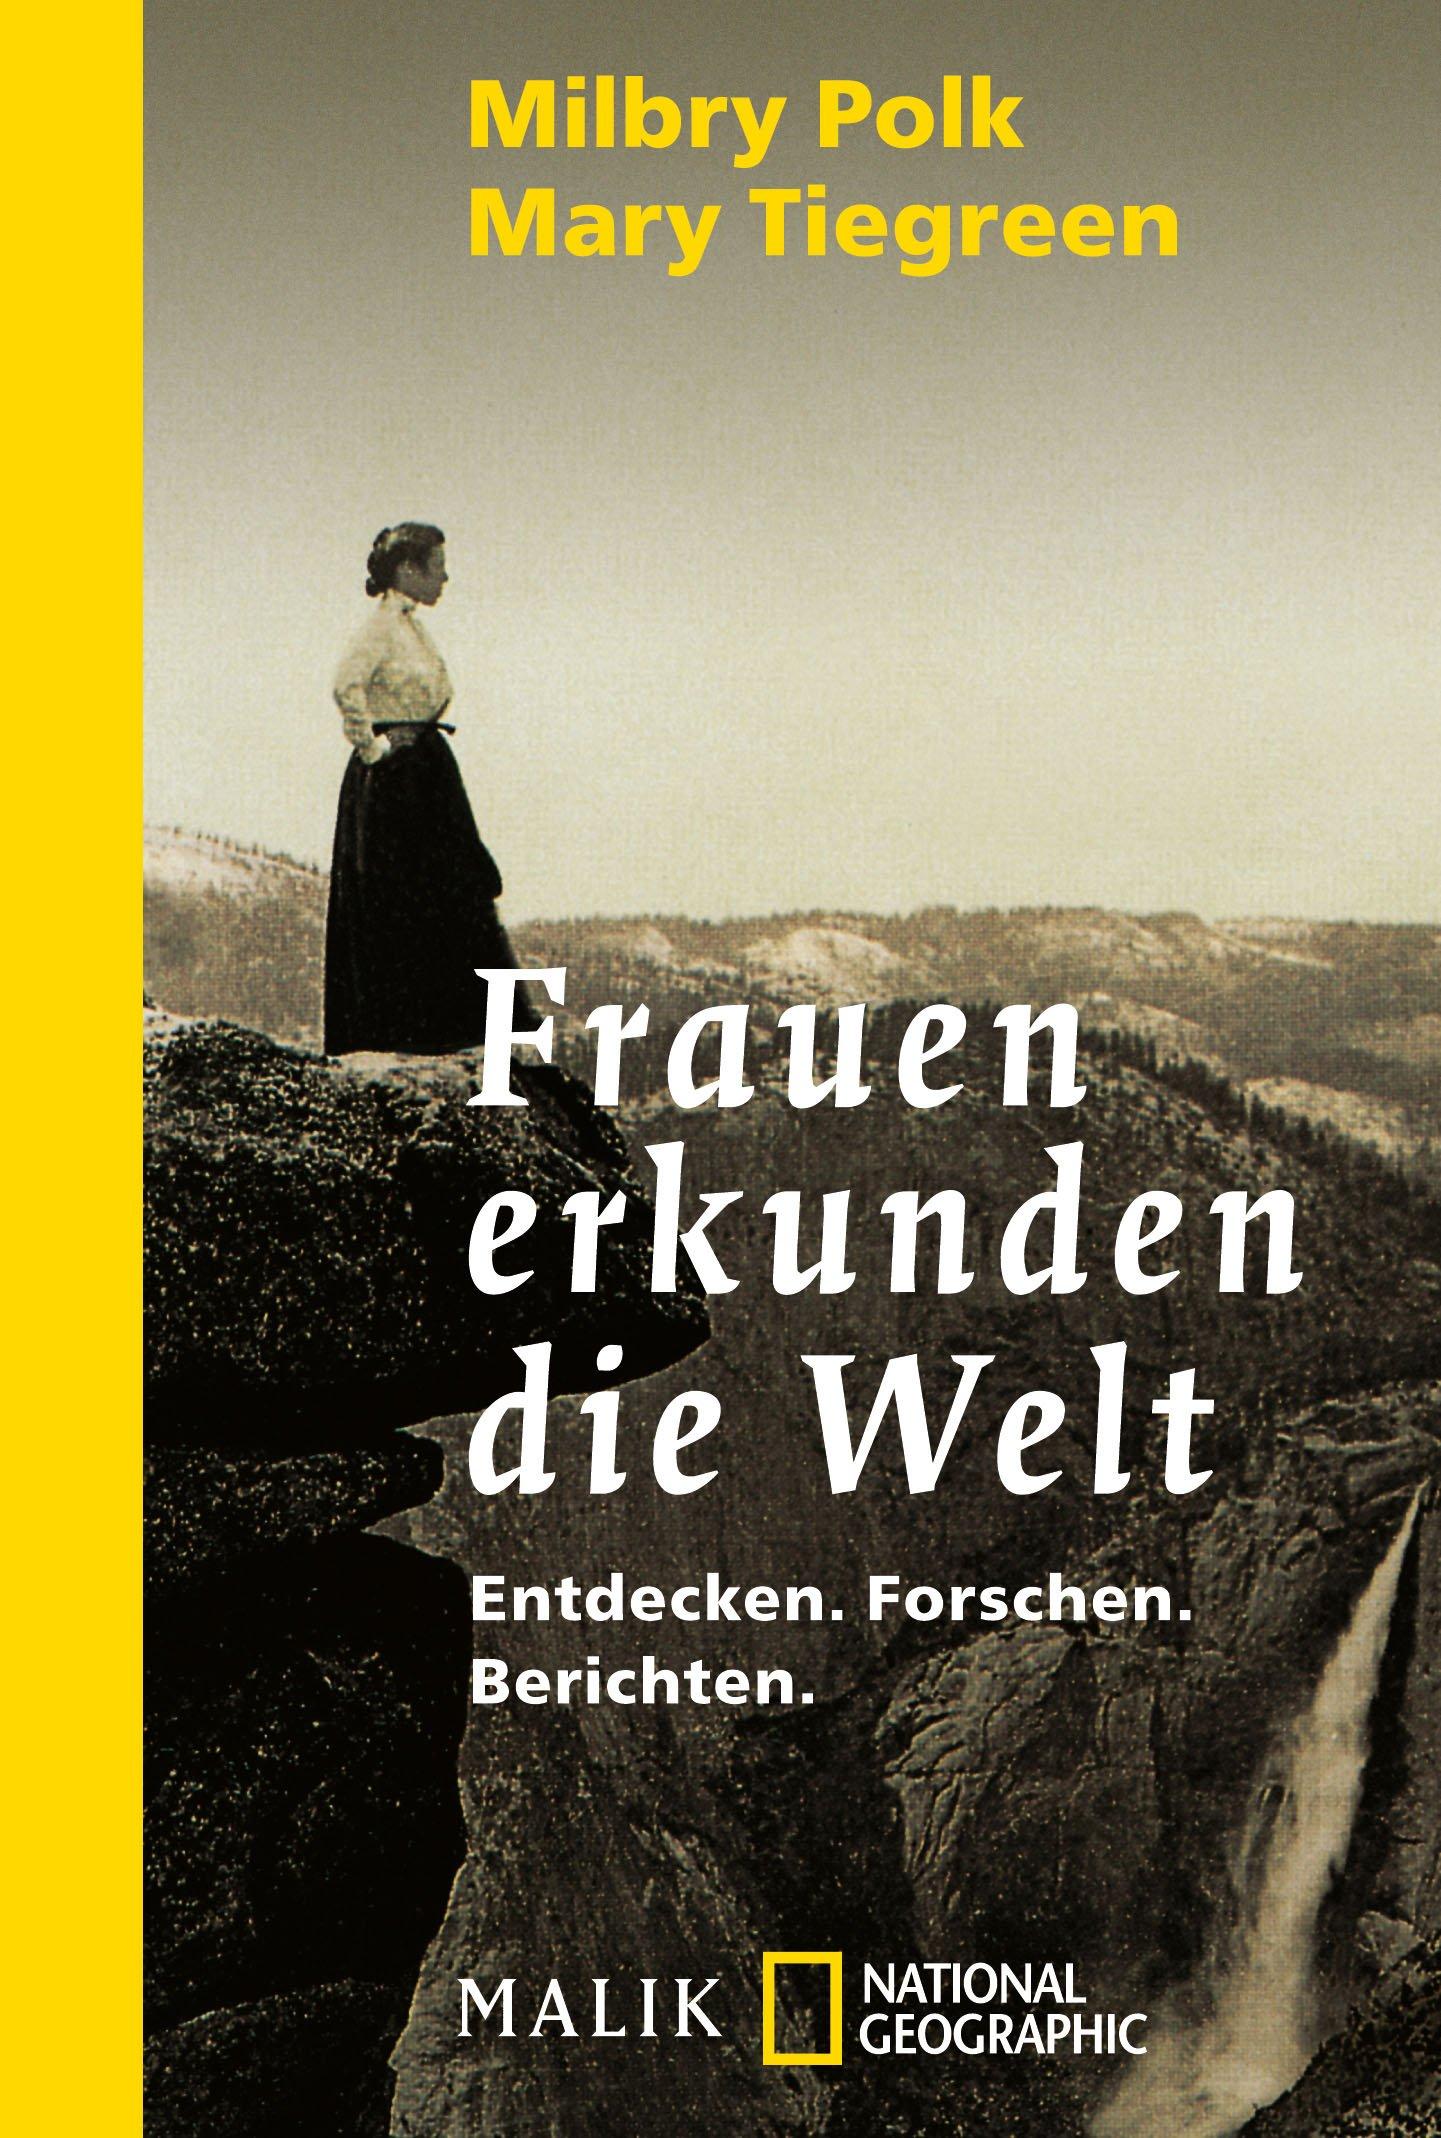 Frauen erkunden die Welt: Entdecken, Forschen, Berichten (National Geographic Taschenbuch, Band 40220)